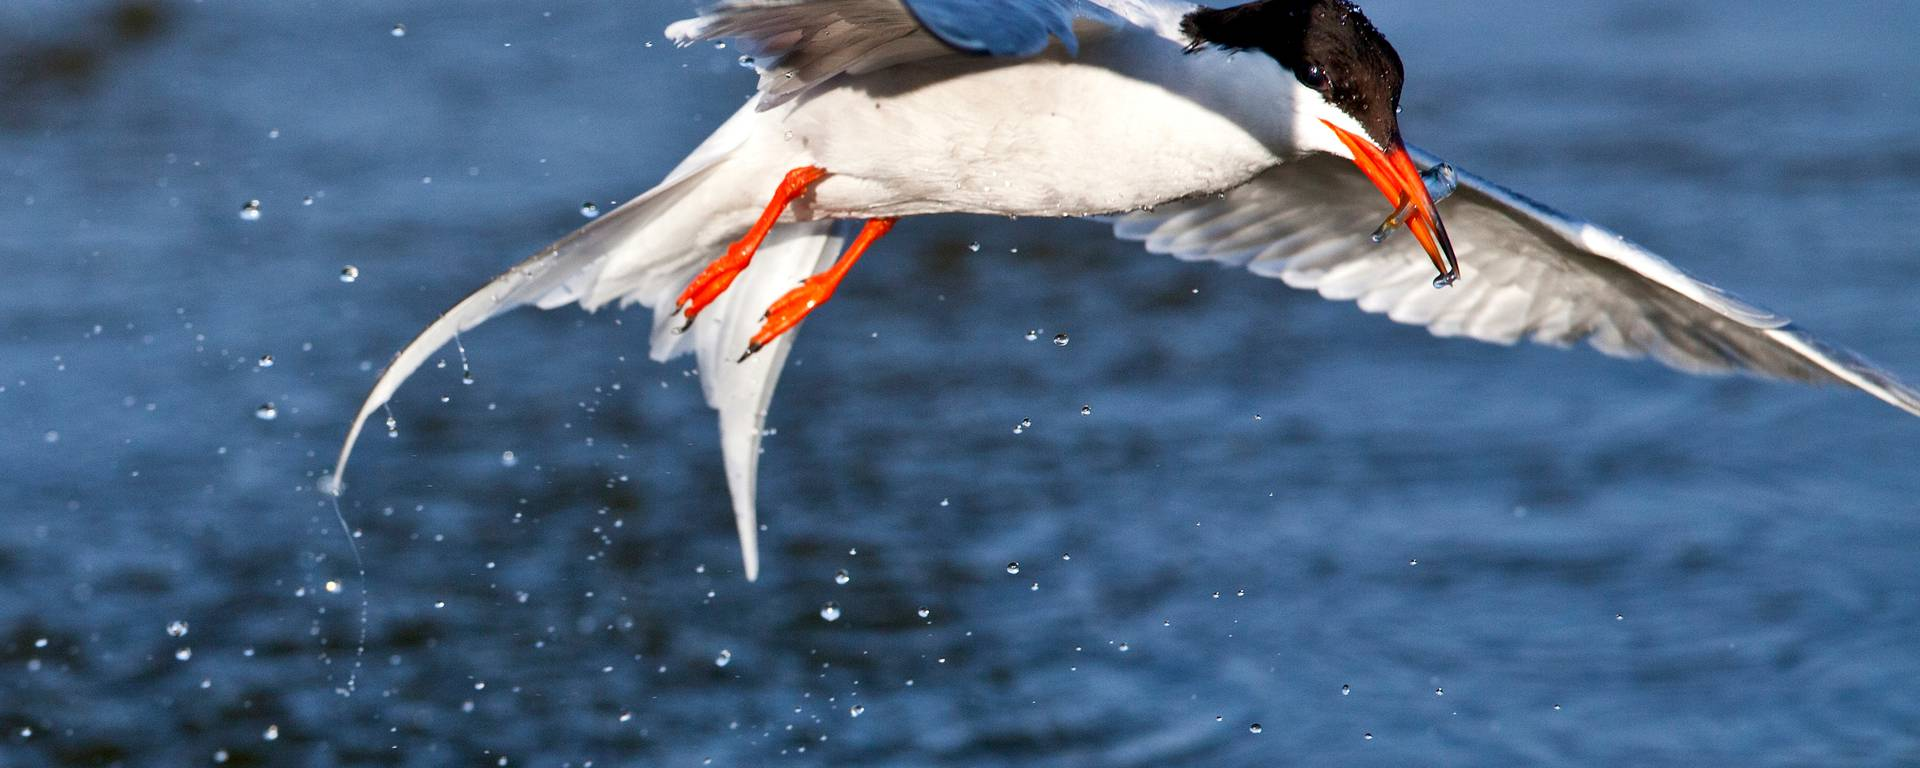 Oiseau zau dessus de l'eau